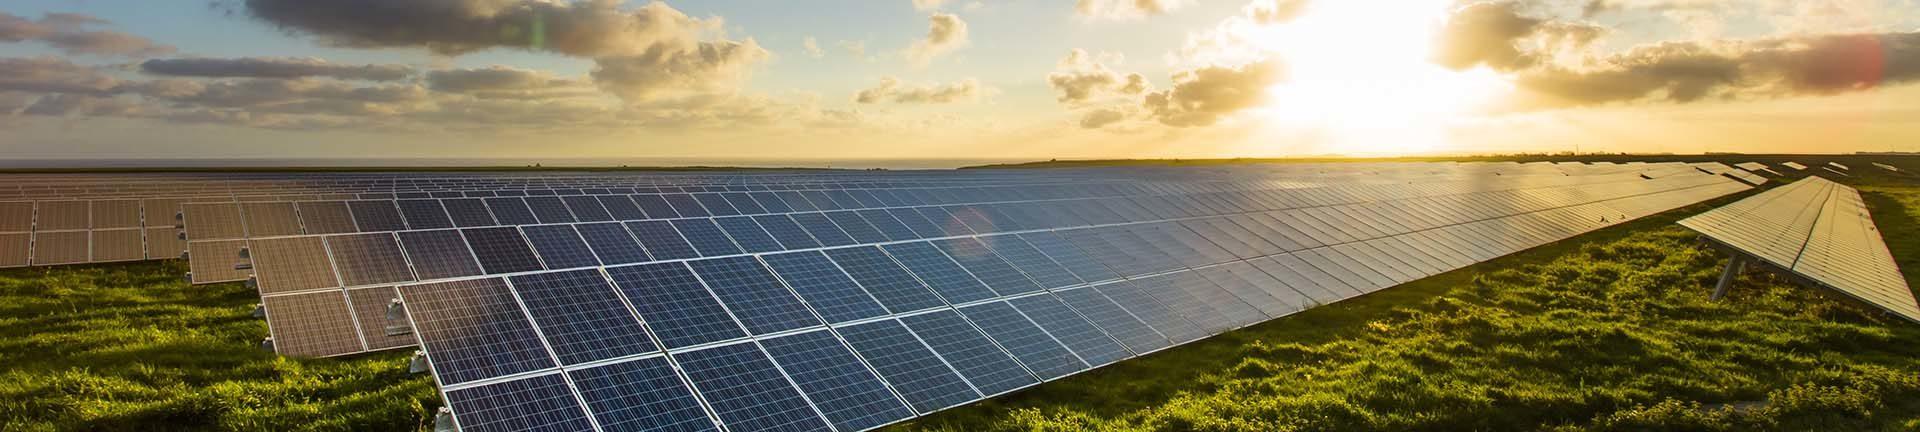 Sonnenenergie dank Solarpaneelen am Feld - natürlicher und günstiger Ökostrom